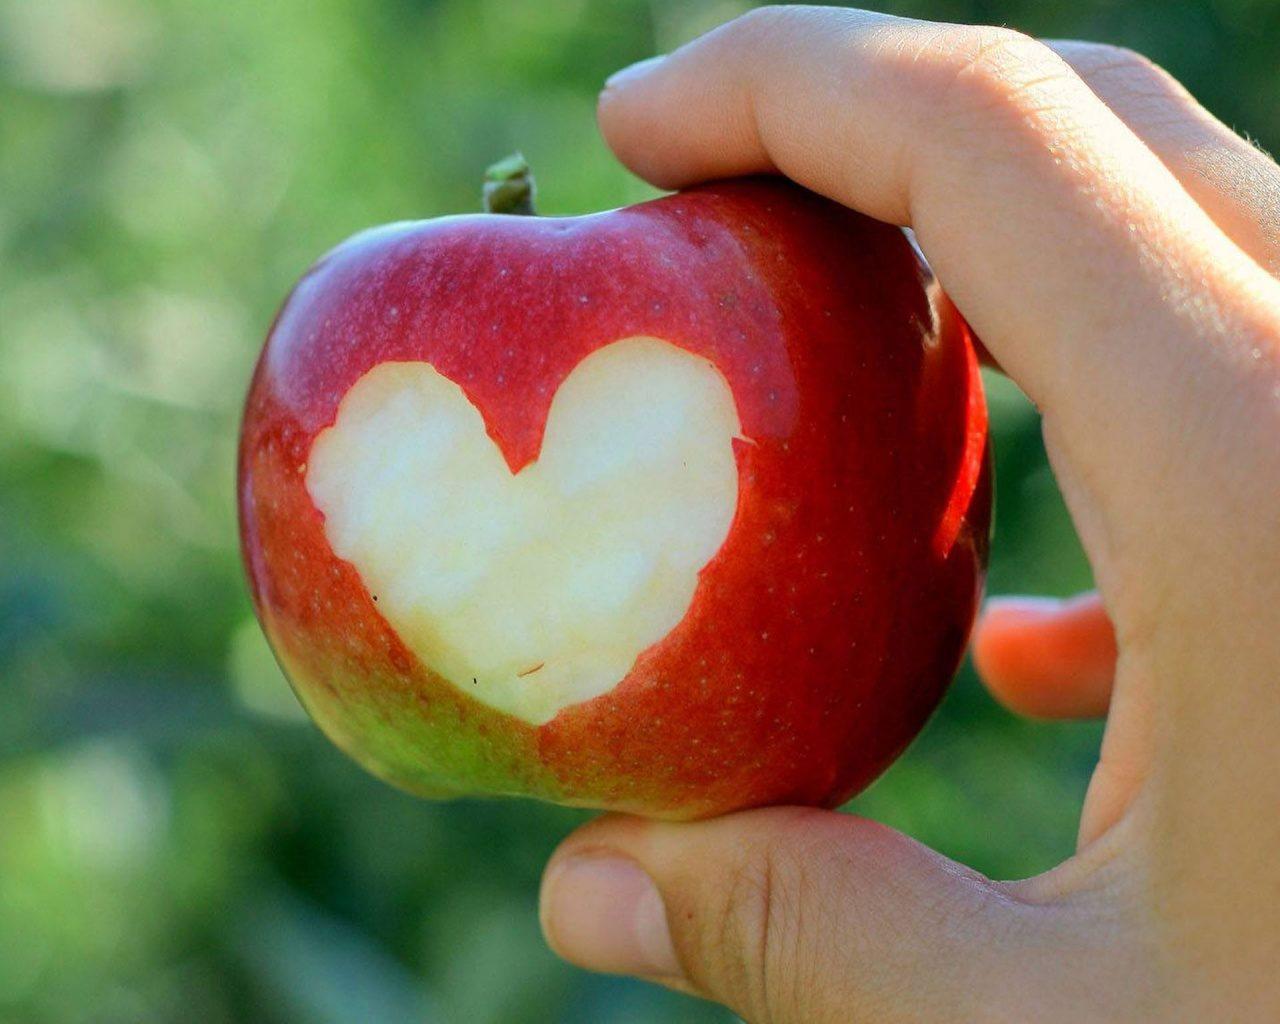 Надкусанное яблоко...притча